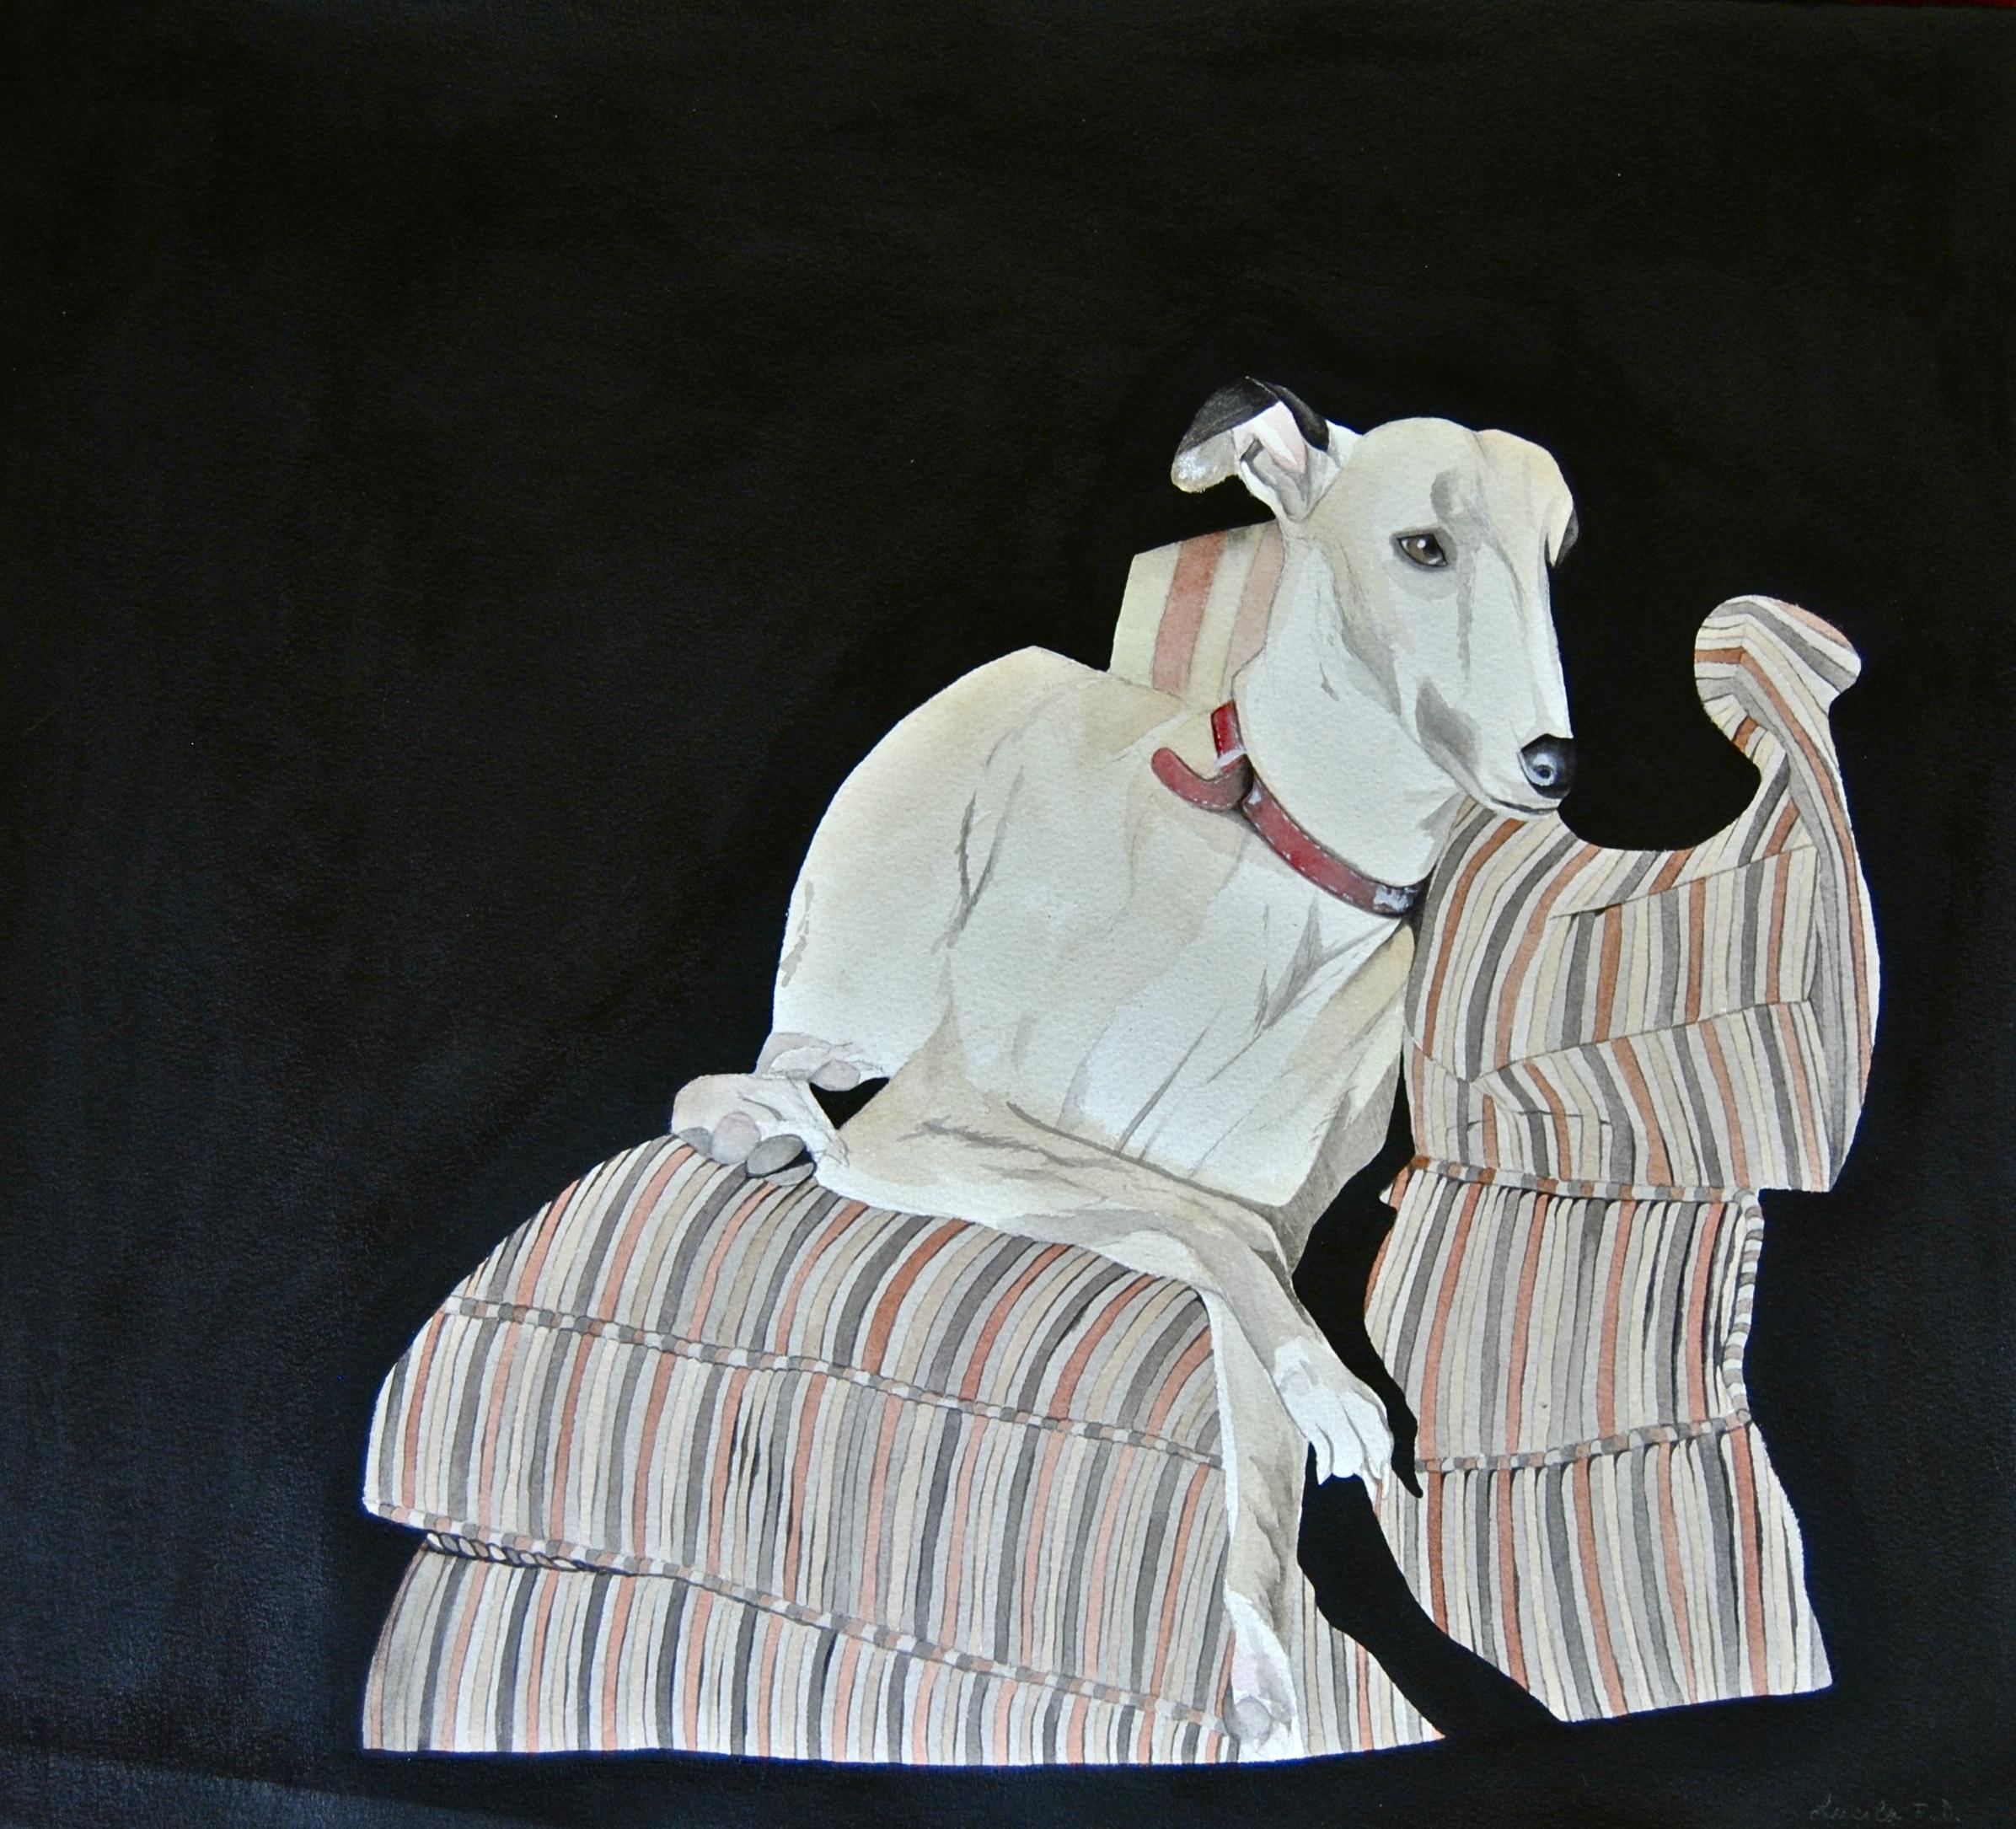 Mollie en el sofá. Acuarela y acrílico sobre papel. 2012.